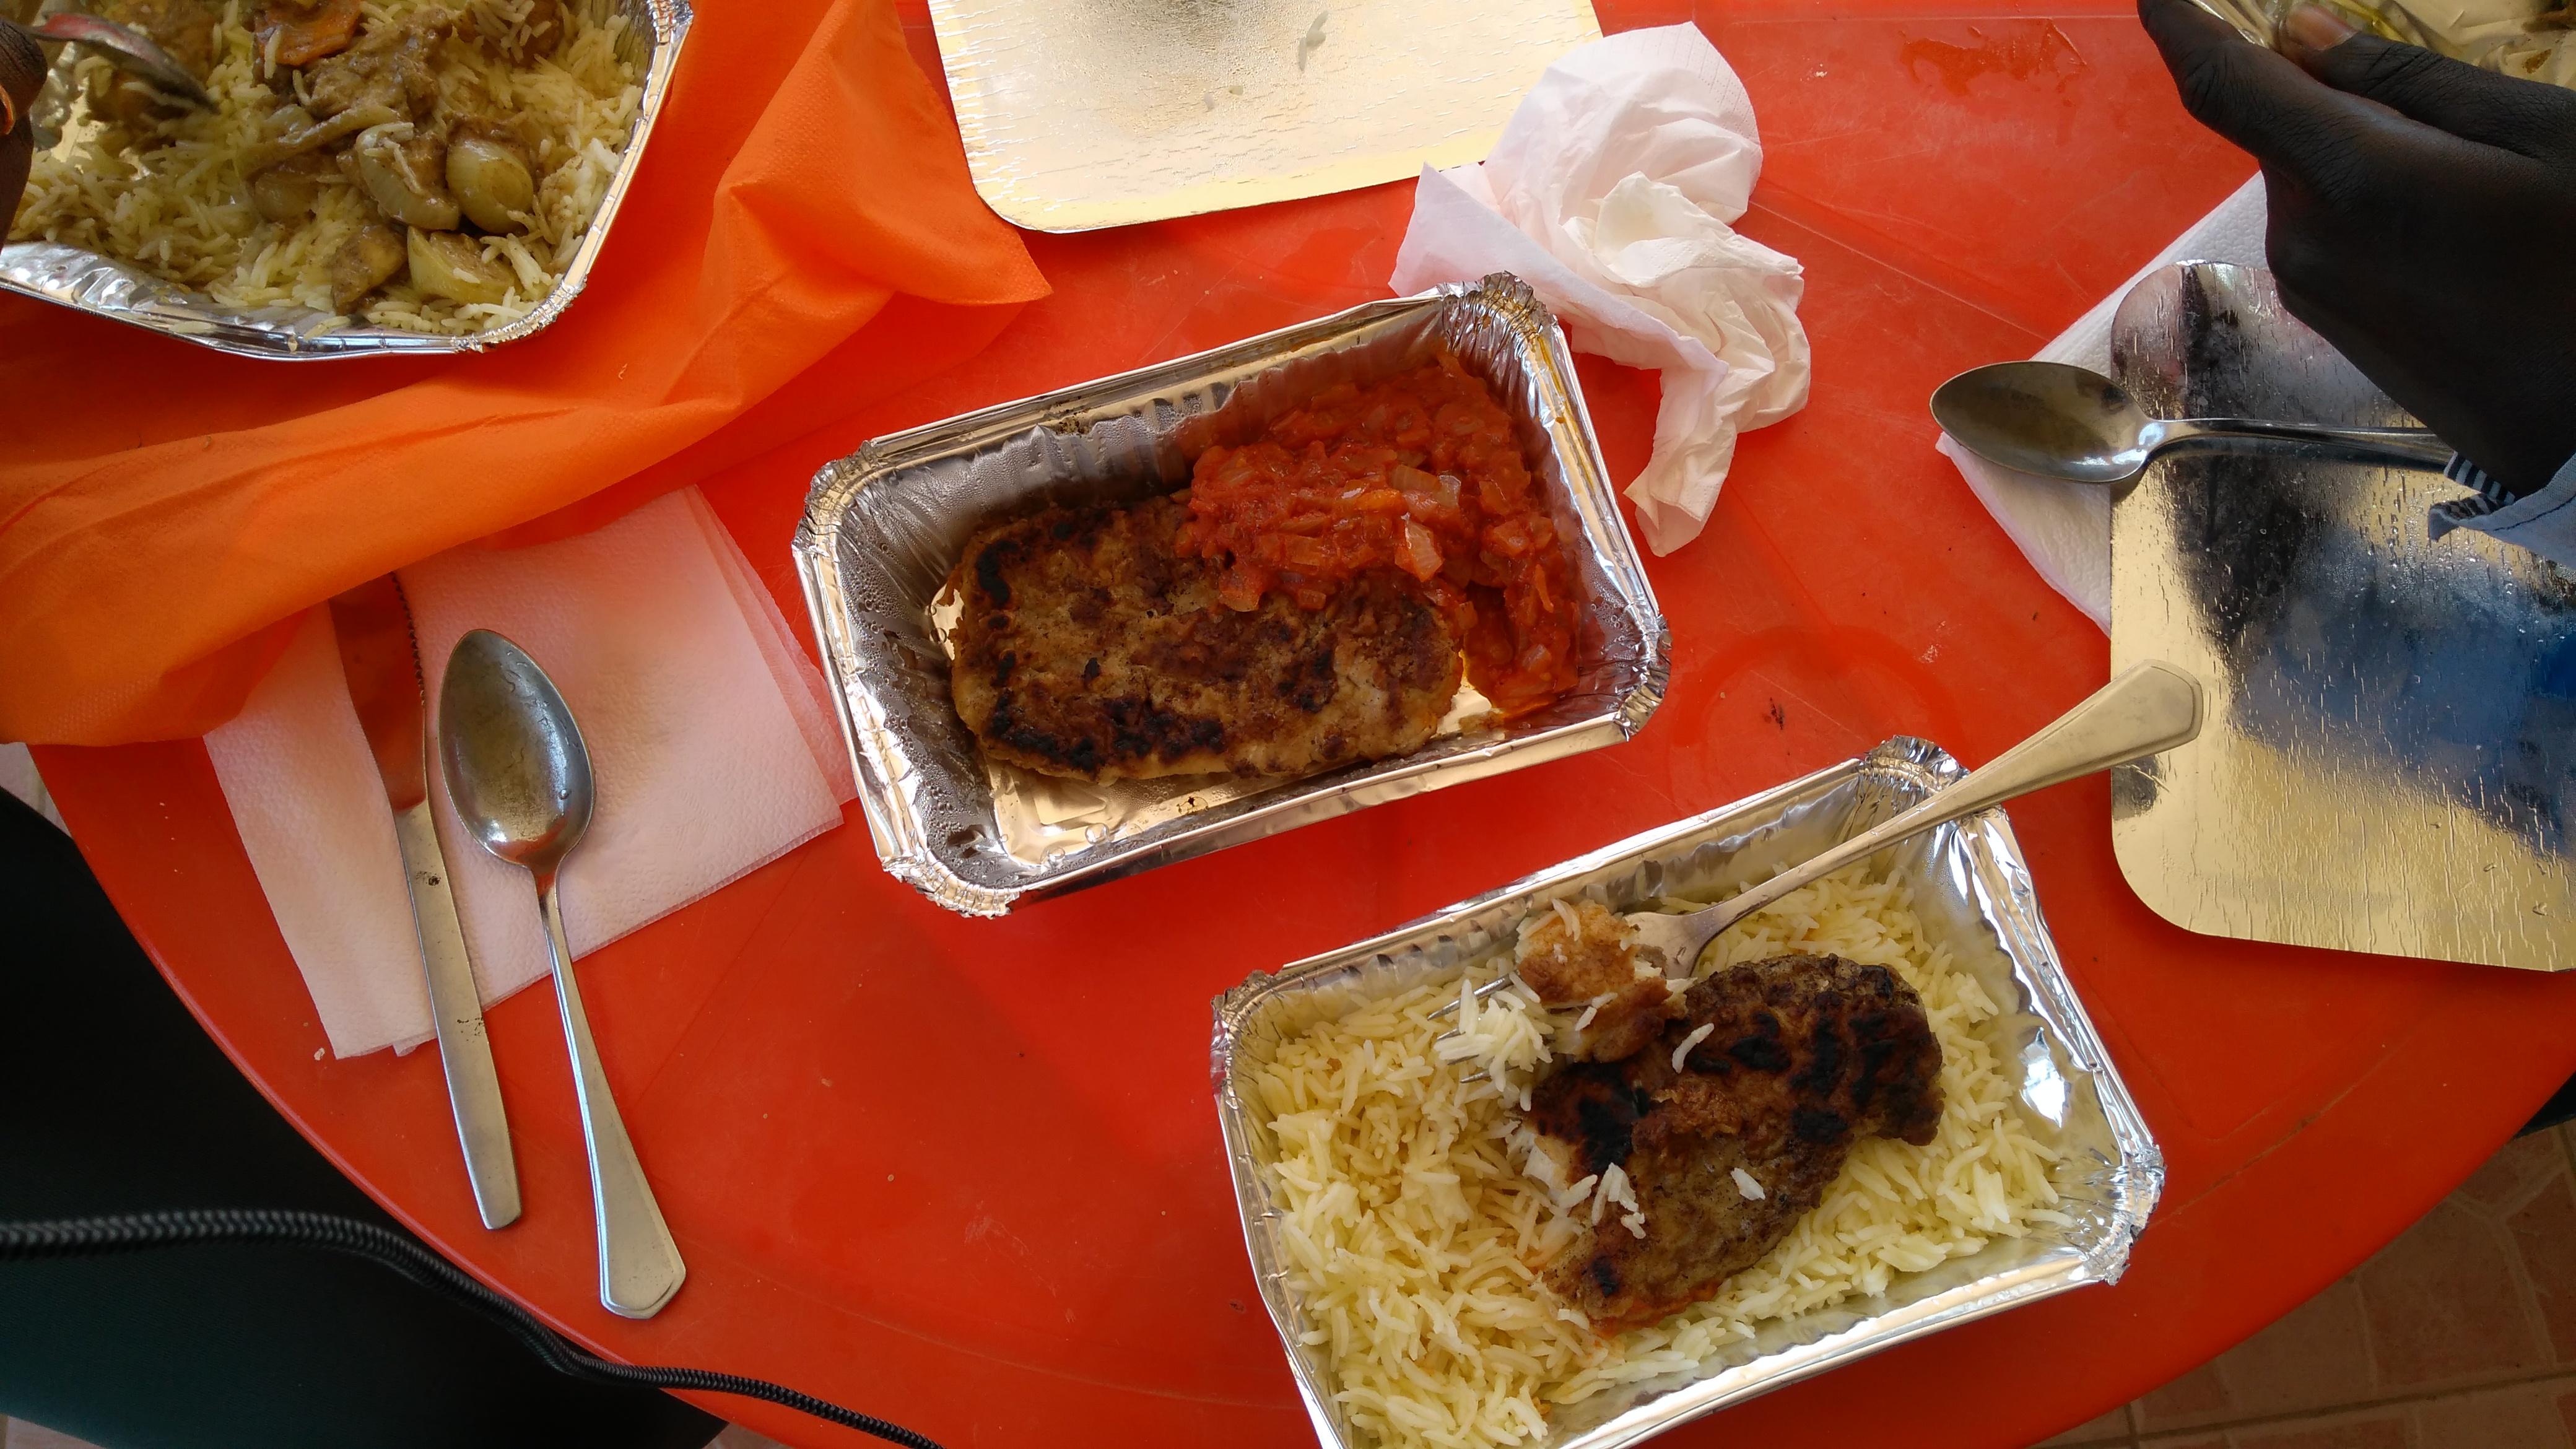 http://foodloader.net/blub_2017-03-26_Fischfilet_mit_Reis_und_Tomate-Zwiebel_Salat.jpg